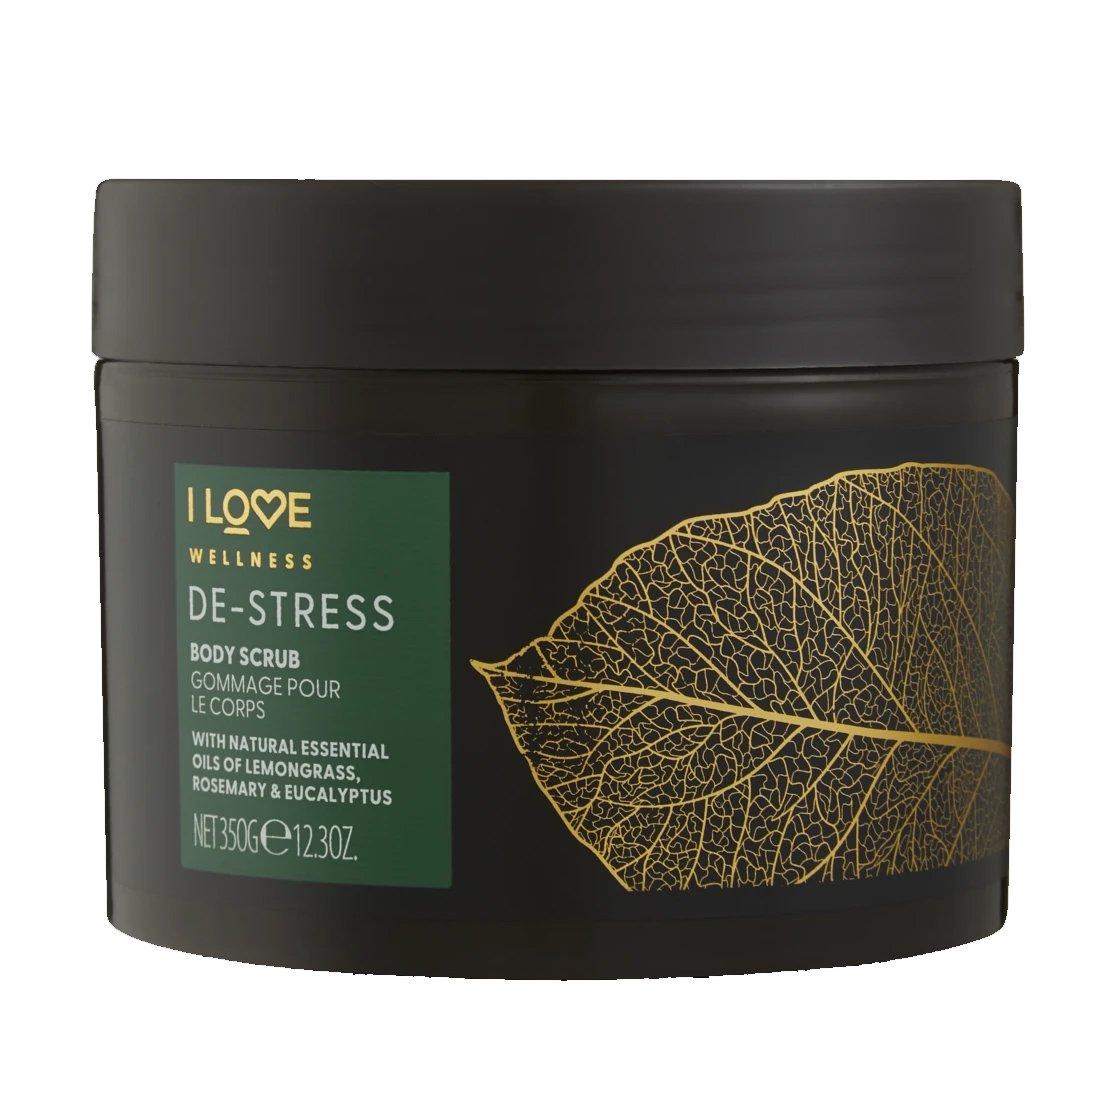 I love… Wellness De-Stress Body Scrub Χαλαρωτικό Scrub Σώματος με Φυσικά Αιθέρια Έλαια για Απαλή Επιδερμίδα 350gr